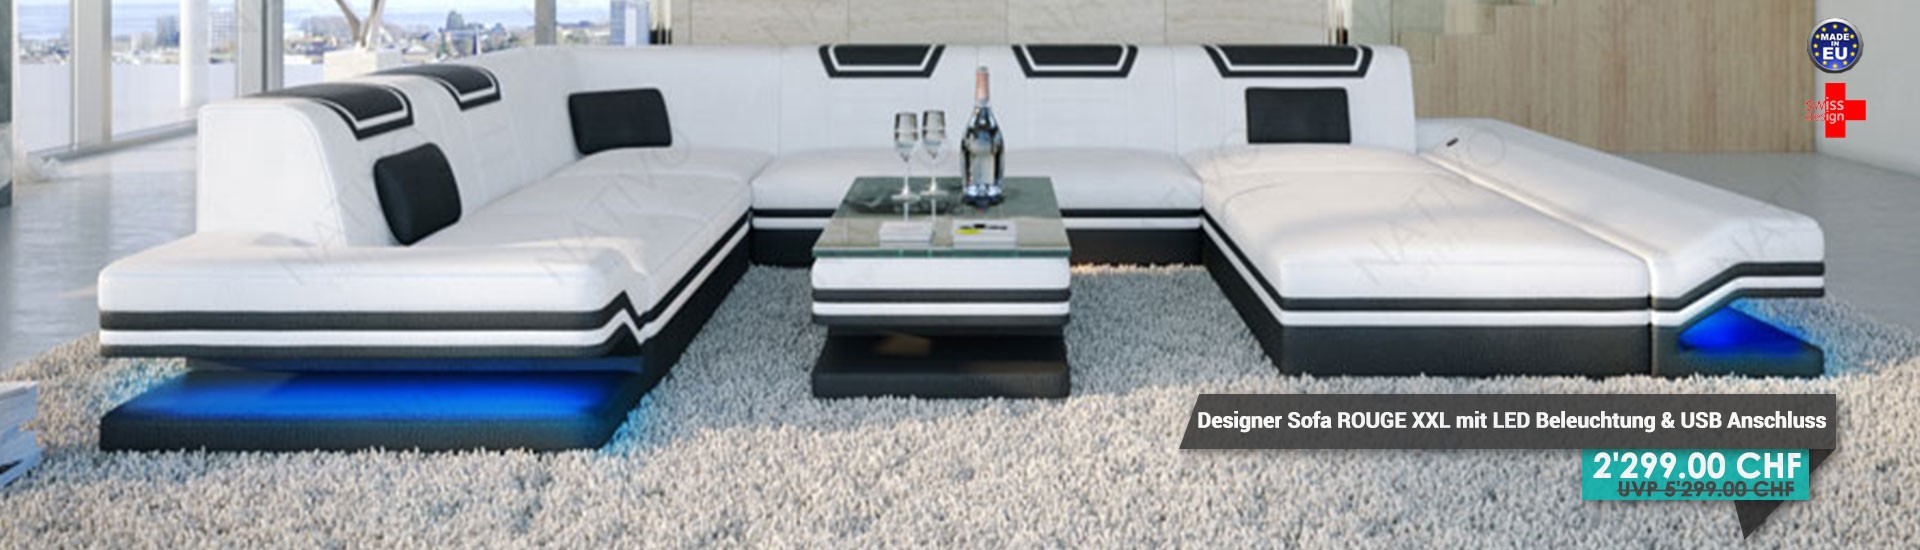 sofa auf rechnung kaufen als neukunde trendy best interessant wohnwand auf raten tlg online. Black Bedroom Furniture Sets. Home Design Ideas